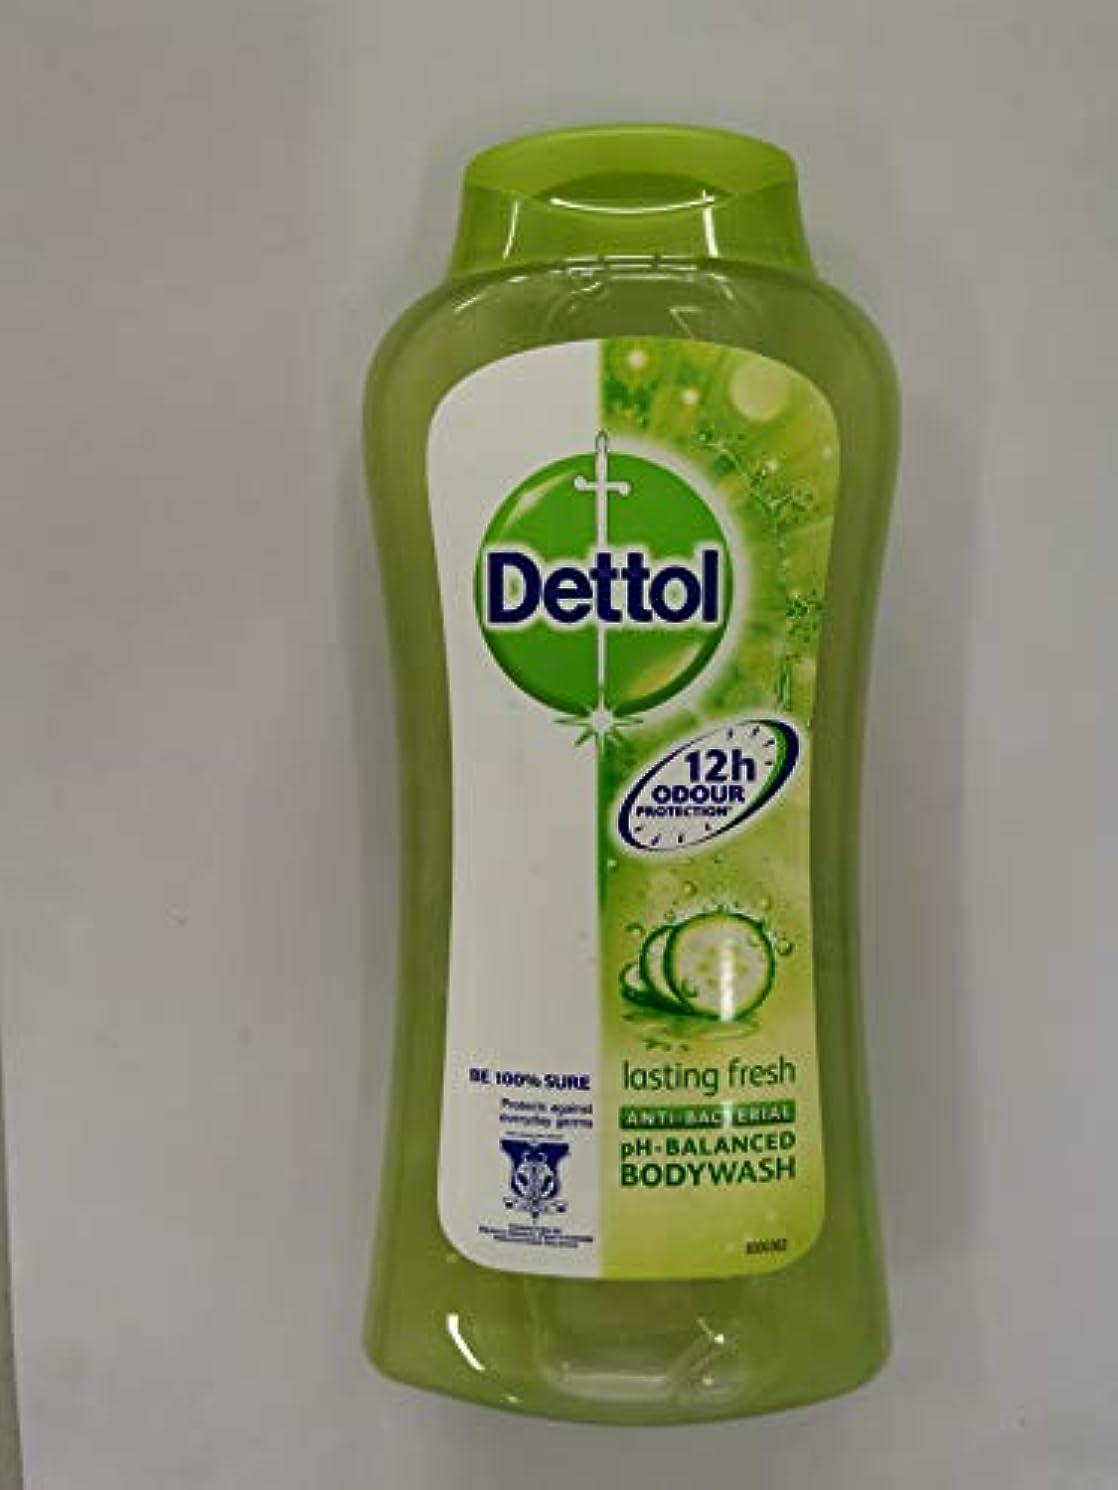 裏切る無力常習者Dettol pHバランス式を進めた250ml-フレッシュシャワージェルラスティング - 大規模な目に見えない細菌を防ぐ - 提供、新鮮で健康的なだけでシャワーを浴びて気持ちを継続しました